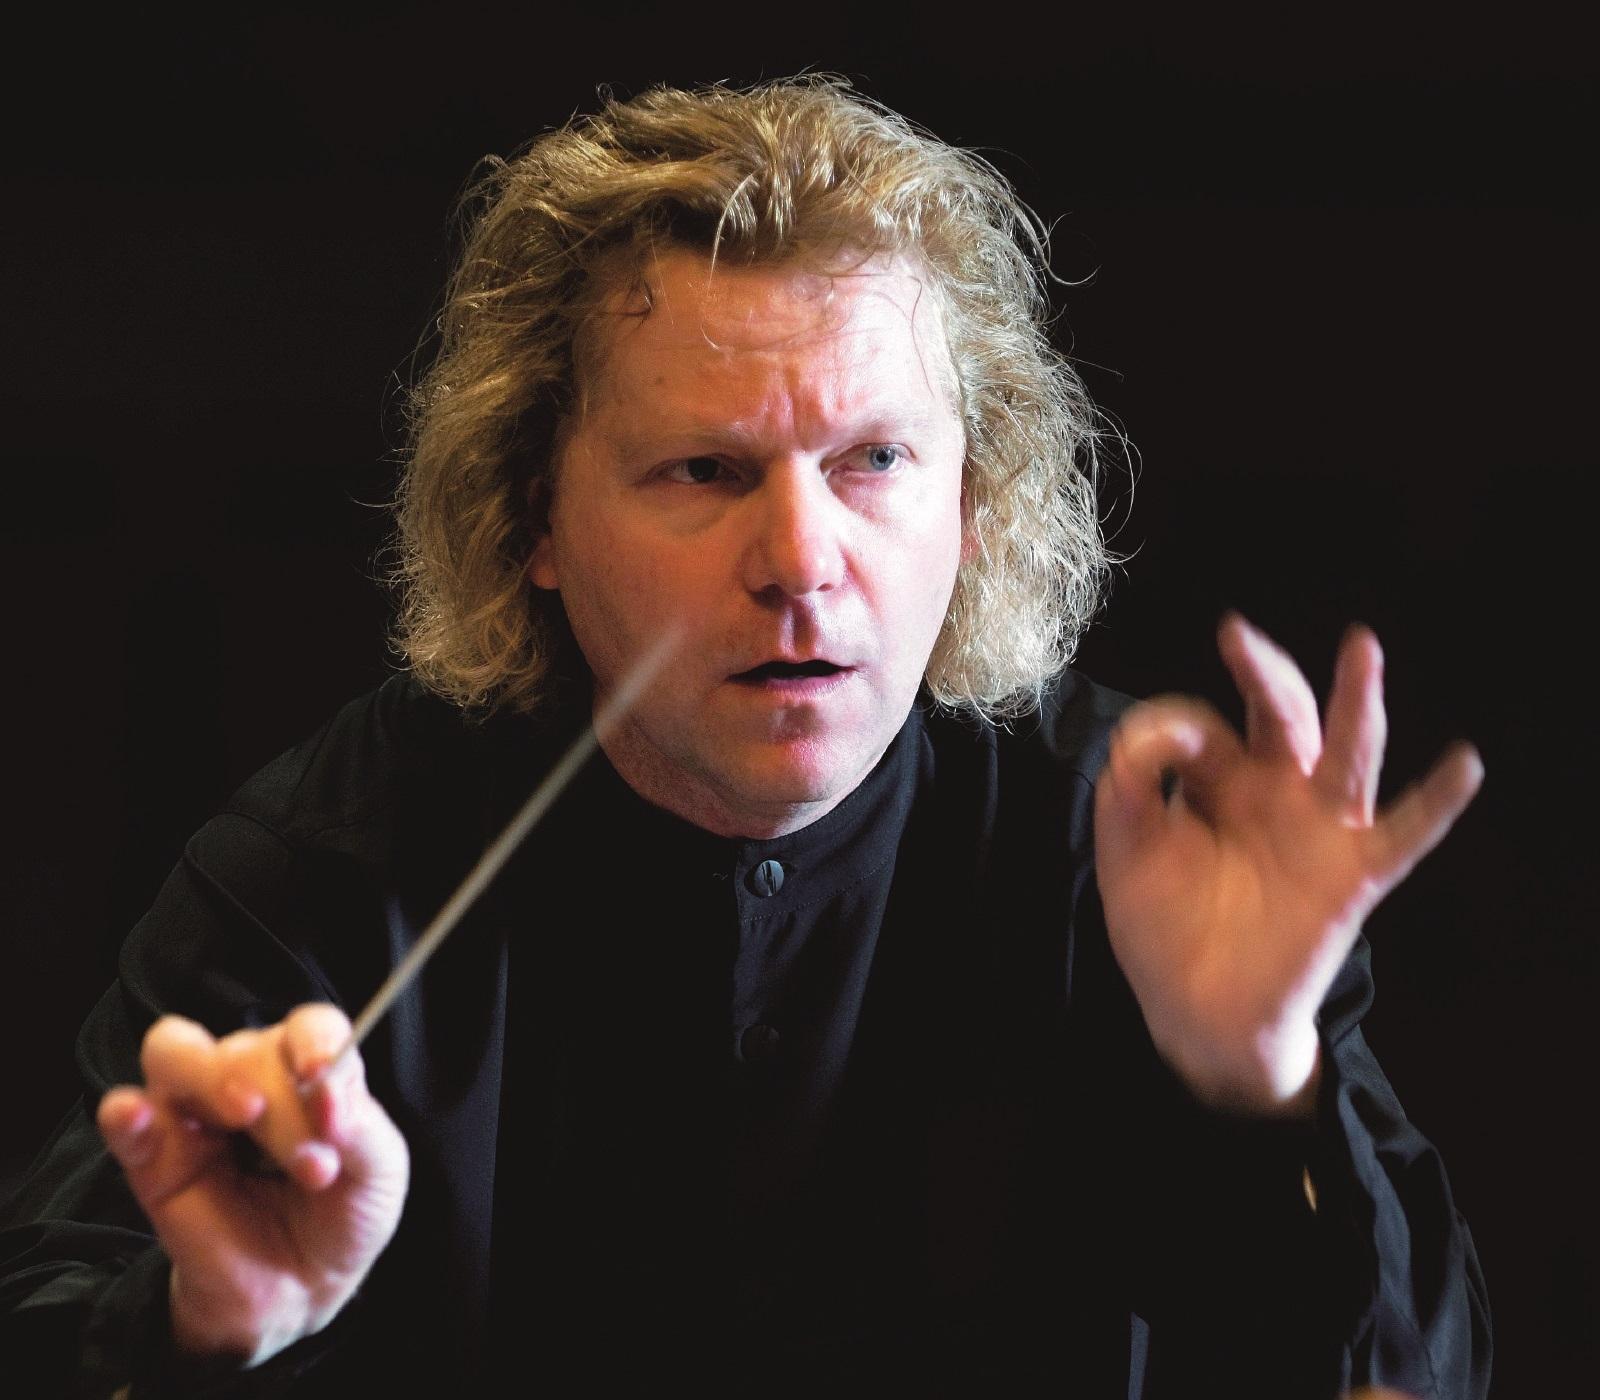 Al via i concerti sinfonici con la Russian Orchestra